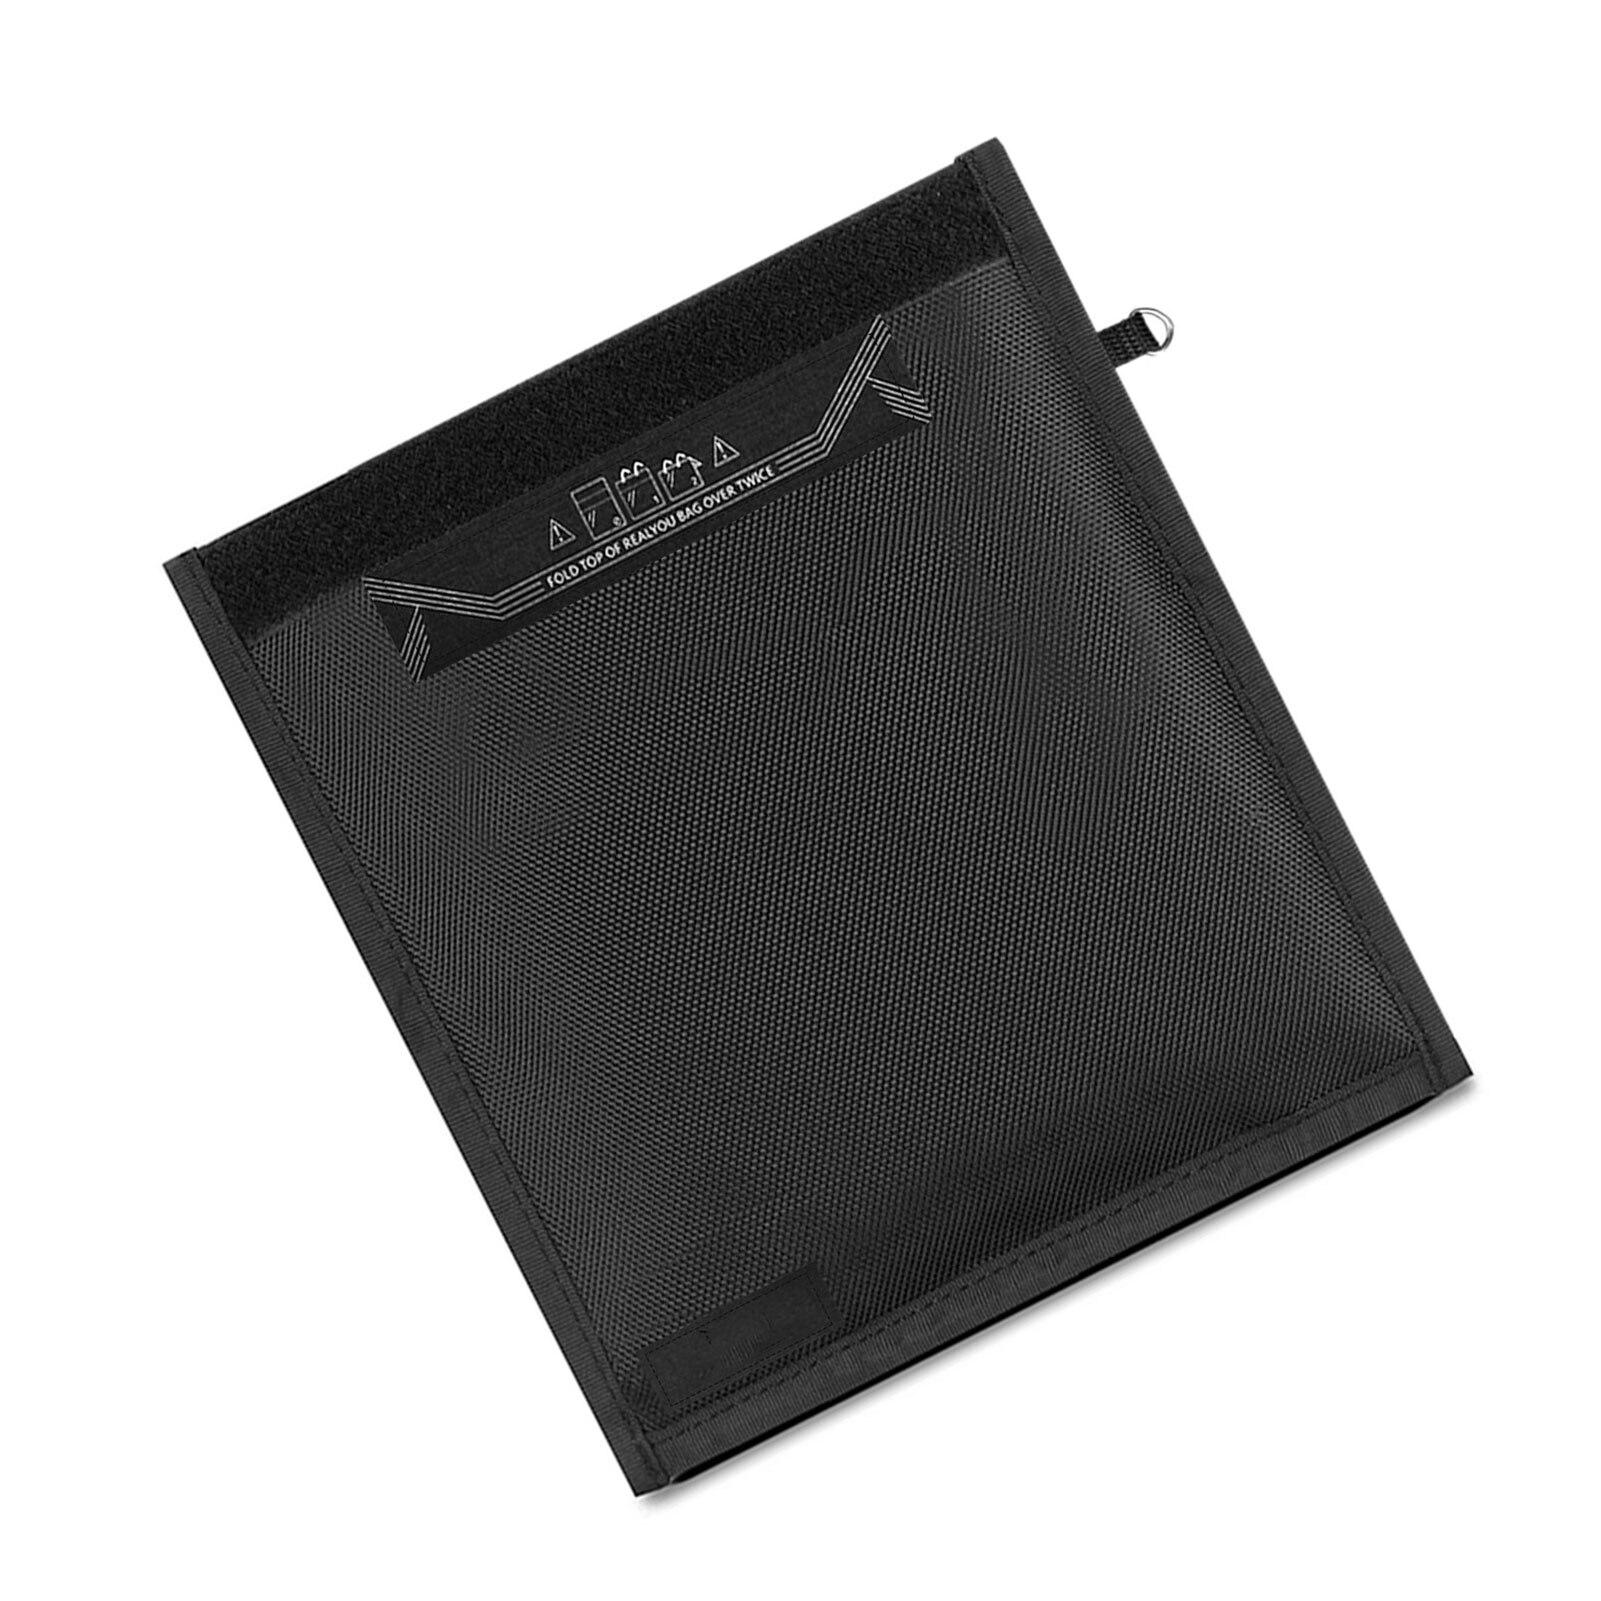 para o portatil do ipad rfid sinal que protege o saco do ziper caixa de blindagem